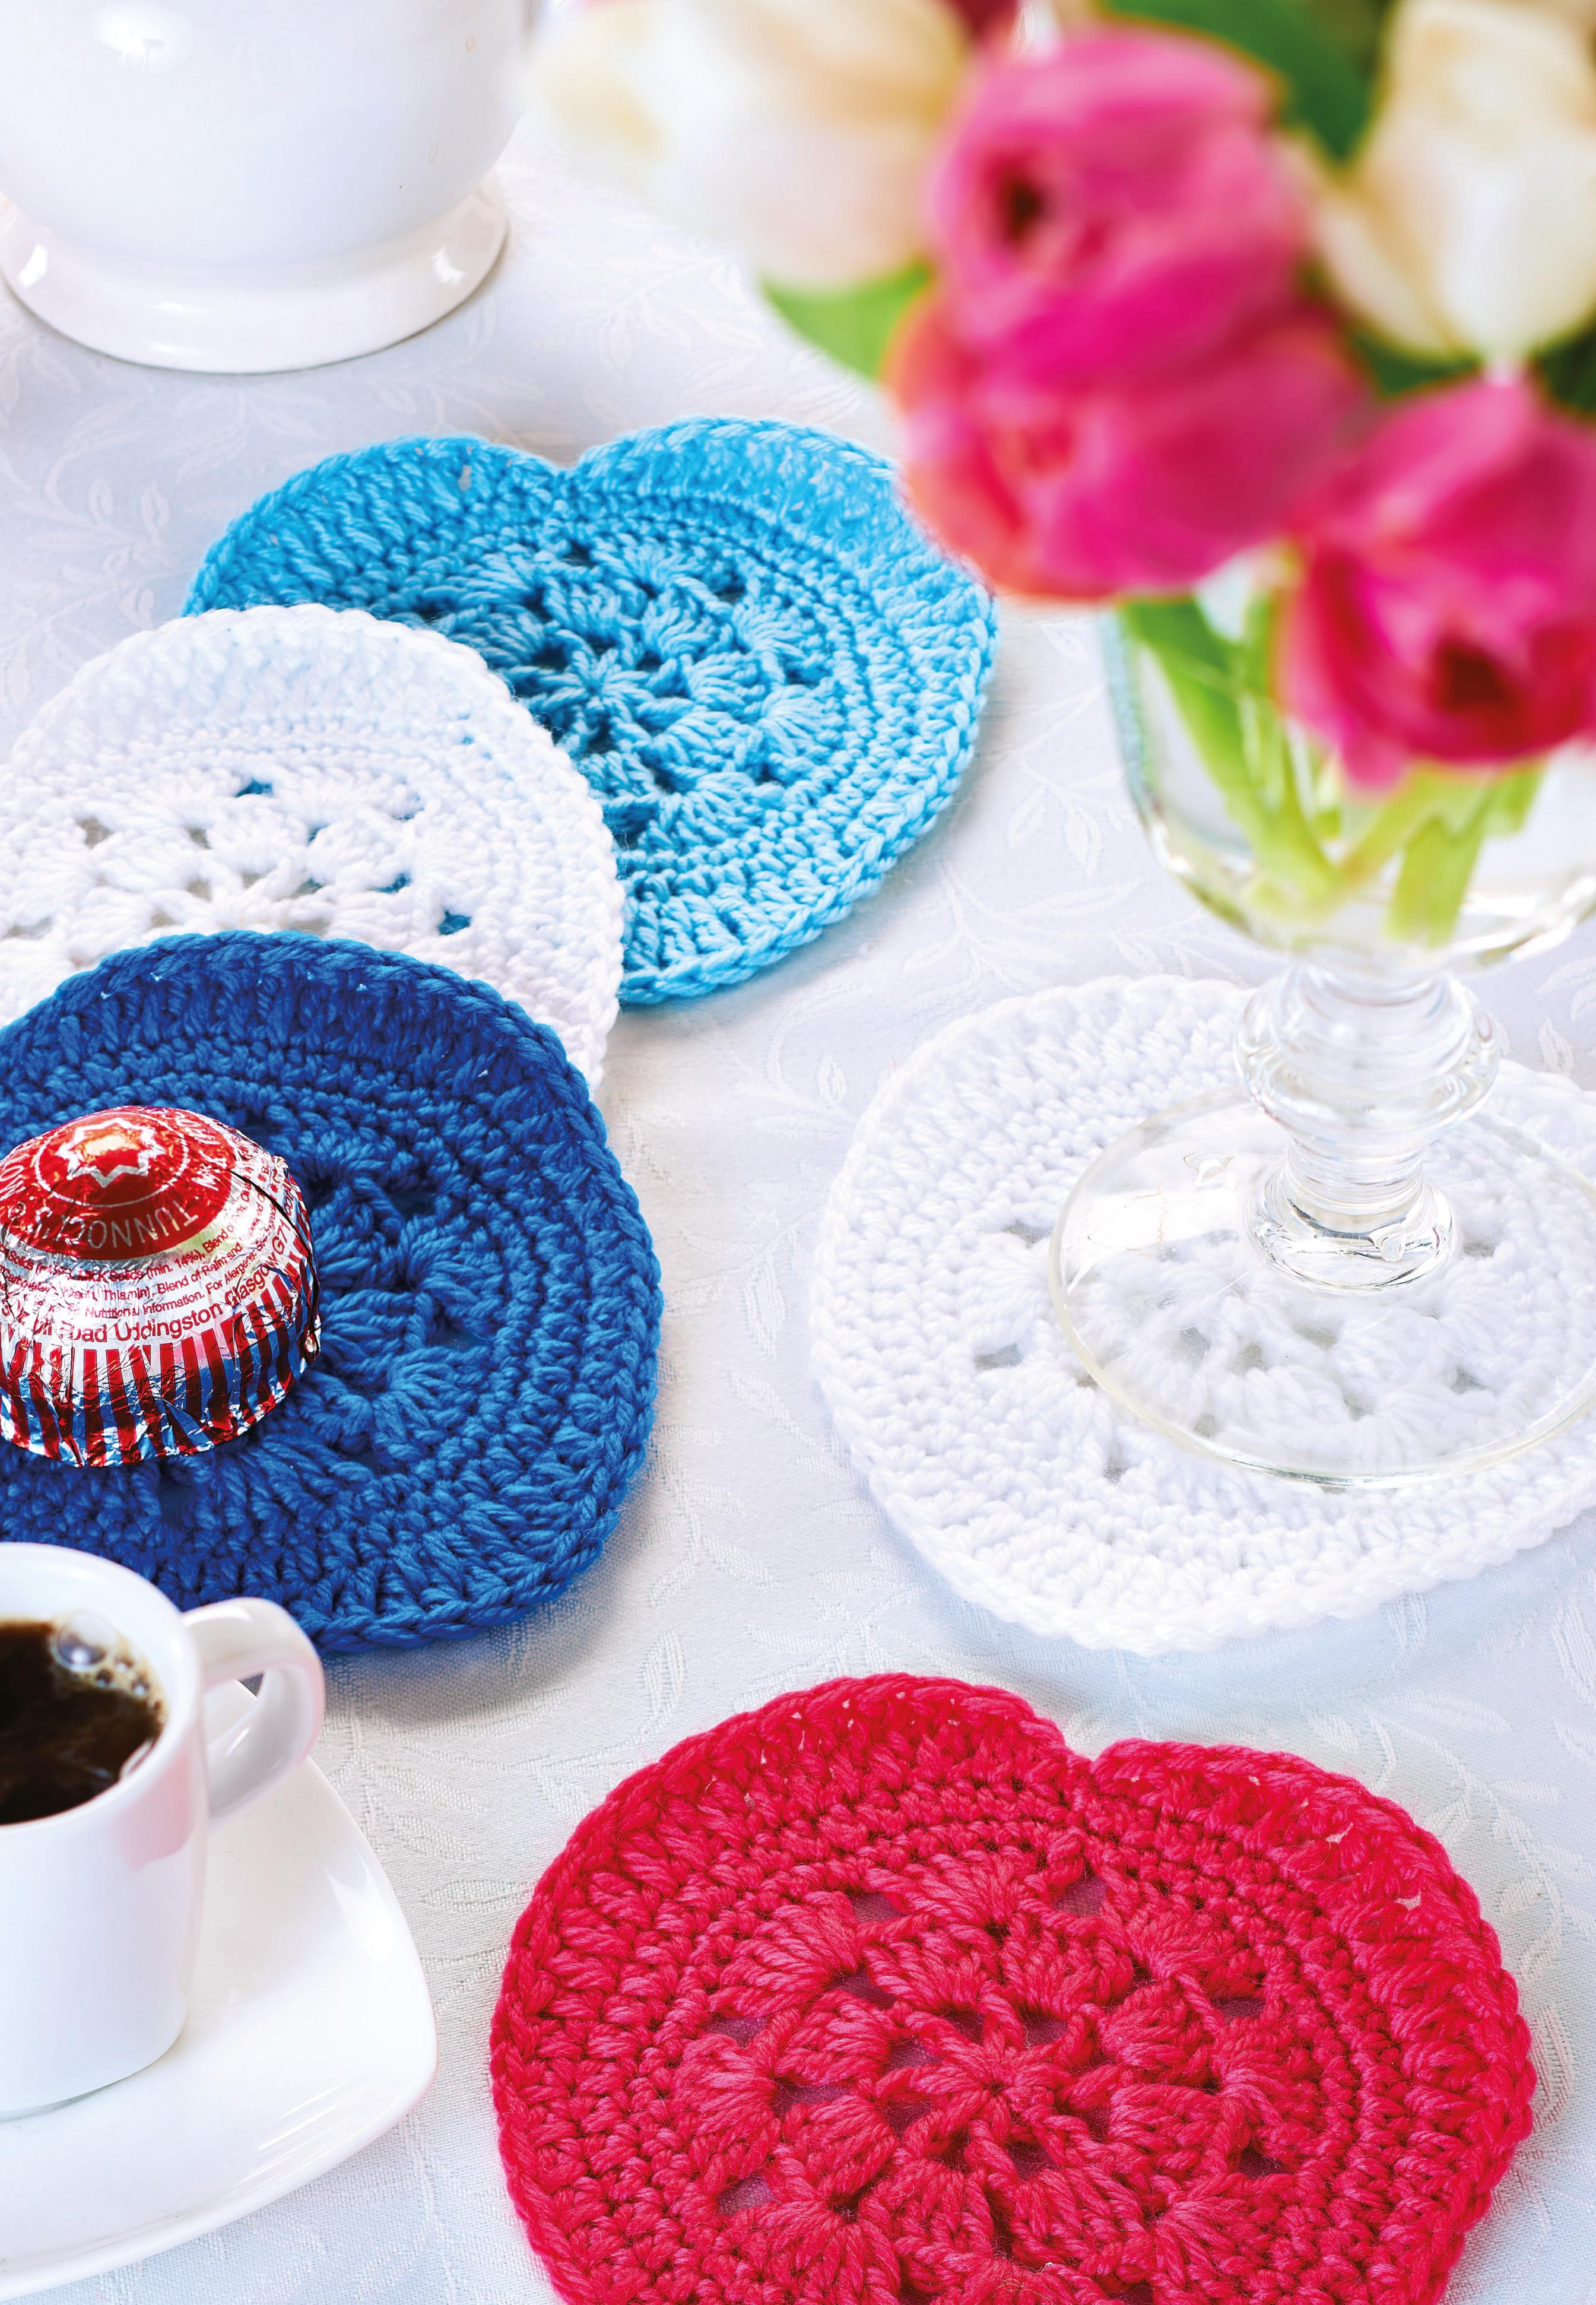 Heart Coaster Knitting Pattern : Heart coasters Crochet Pattern